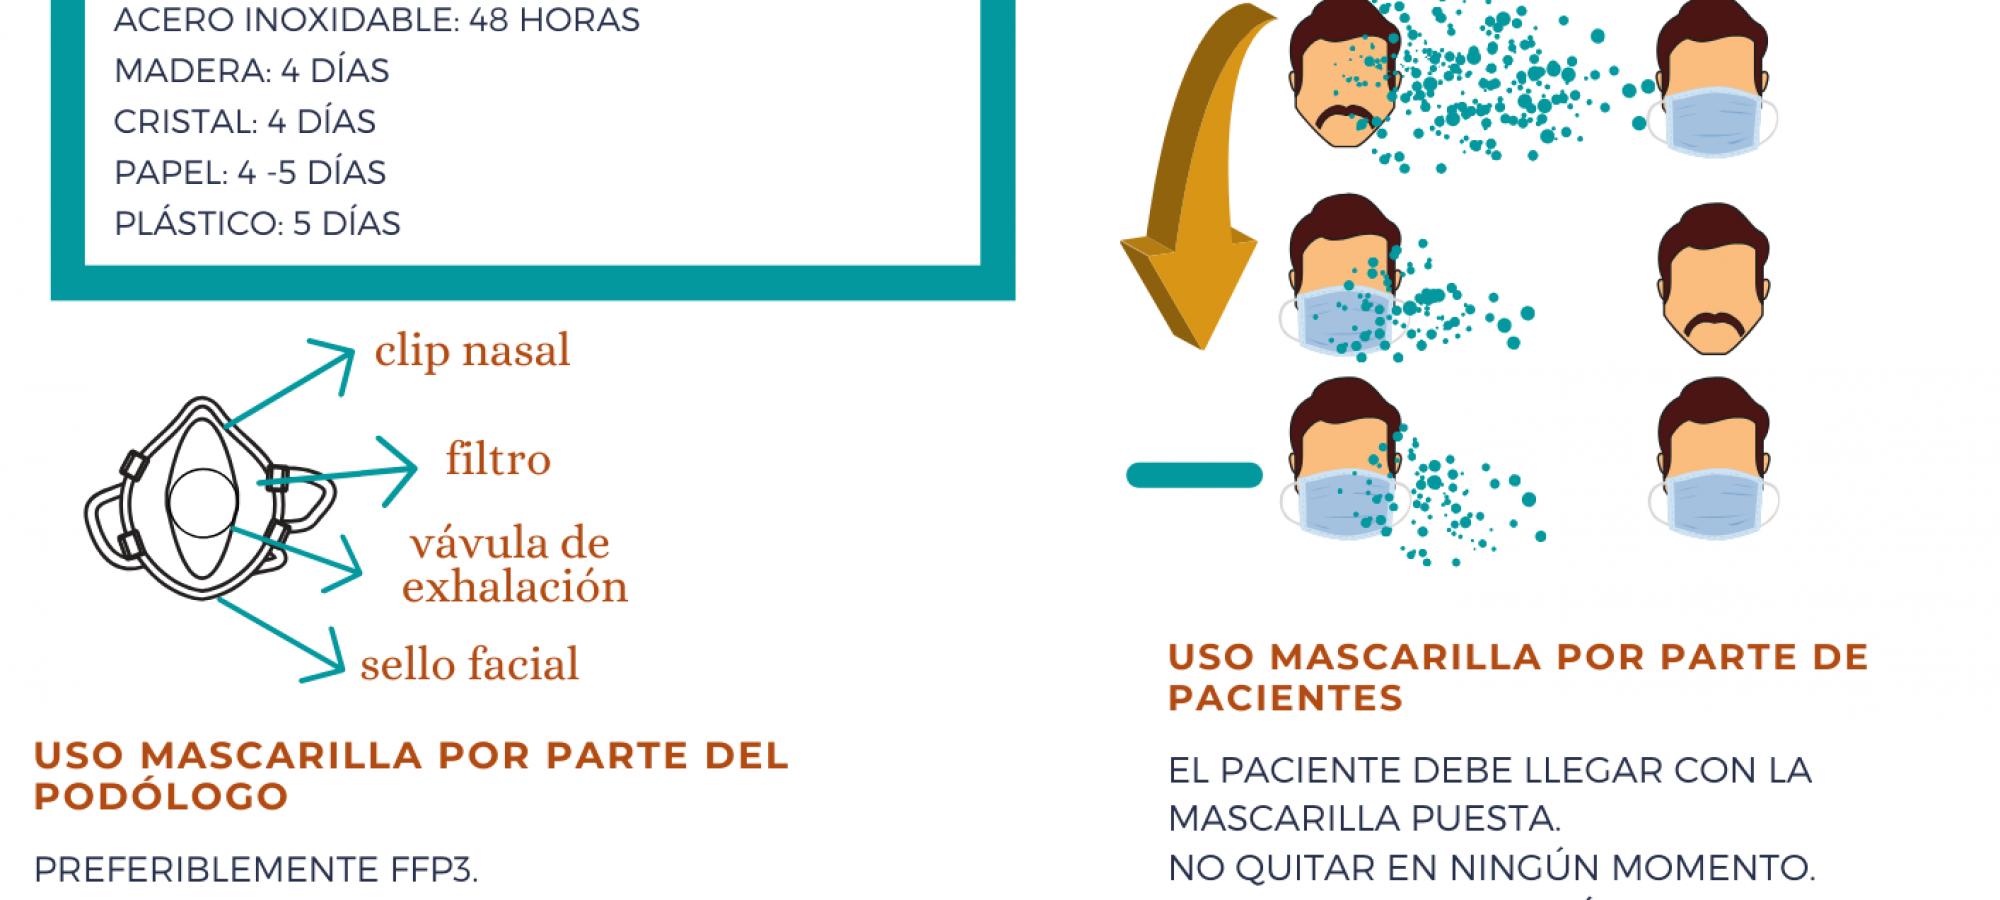 MASCARILLAS Y COVID-19